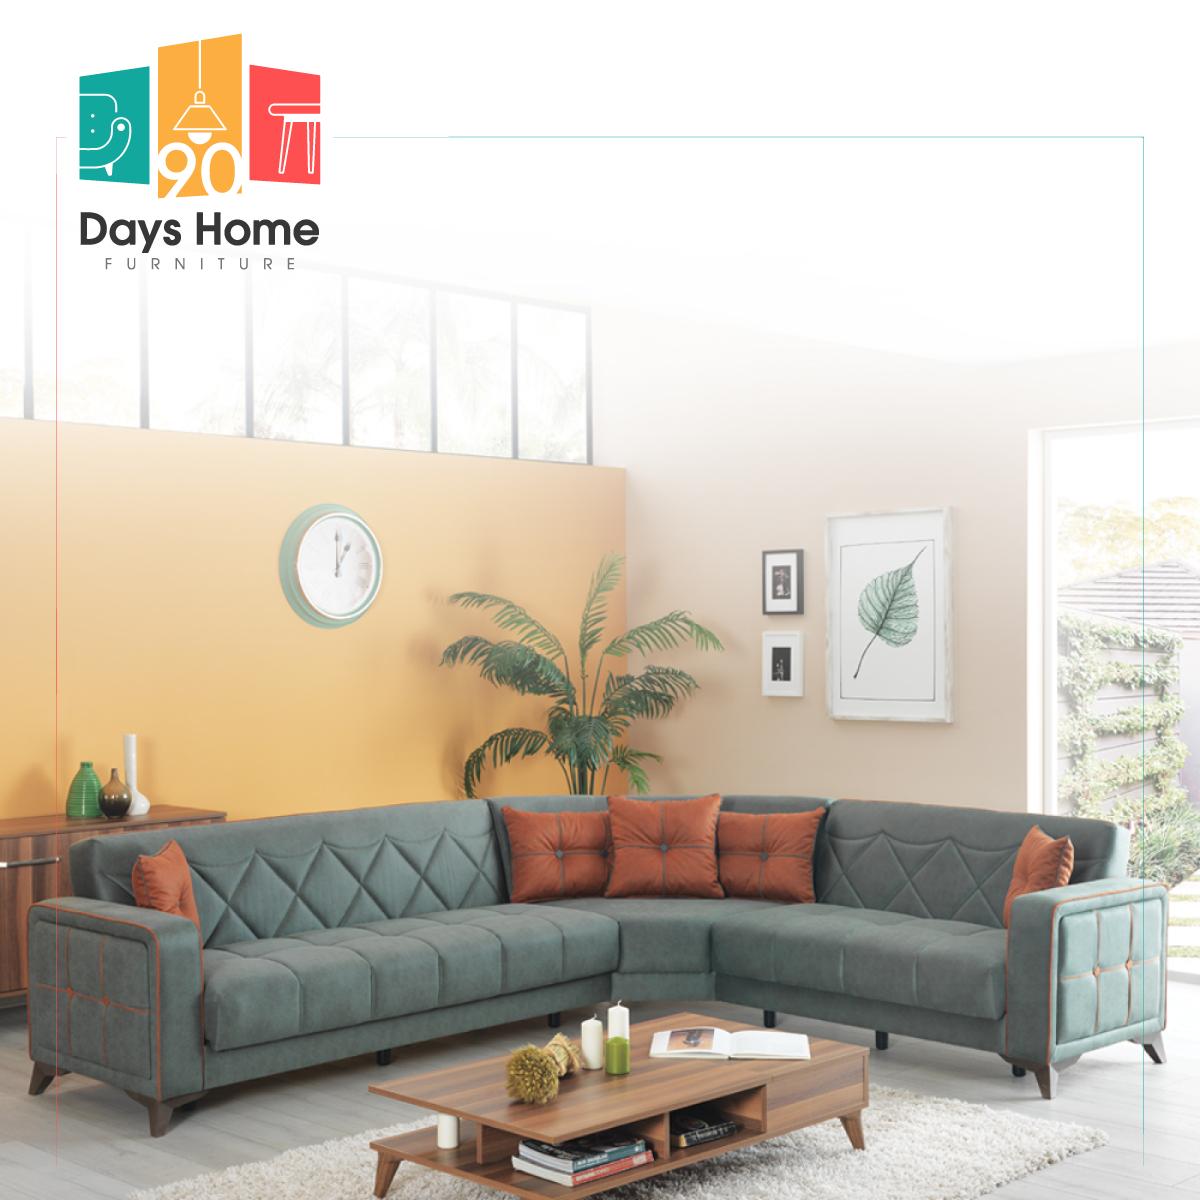 طقم أريكة زاوية مقسمة ناعمة من النسيج المنزلي